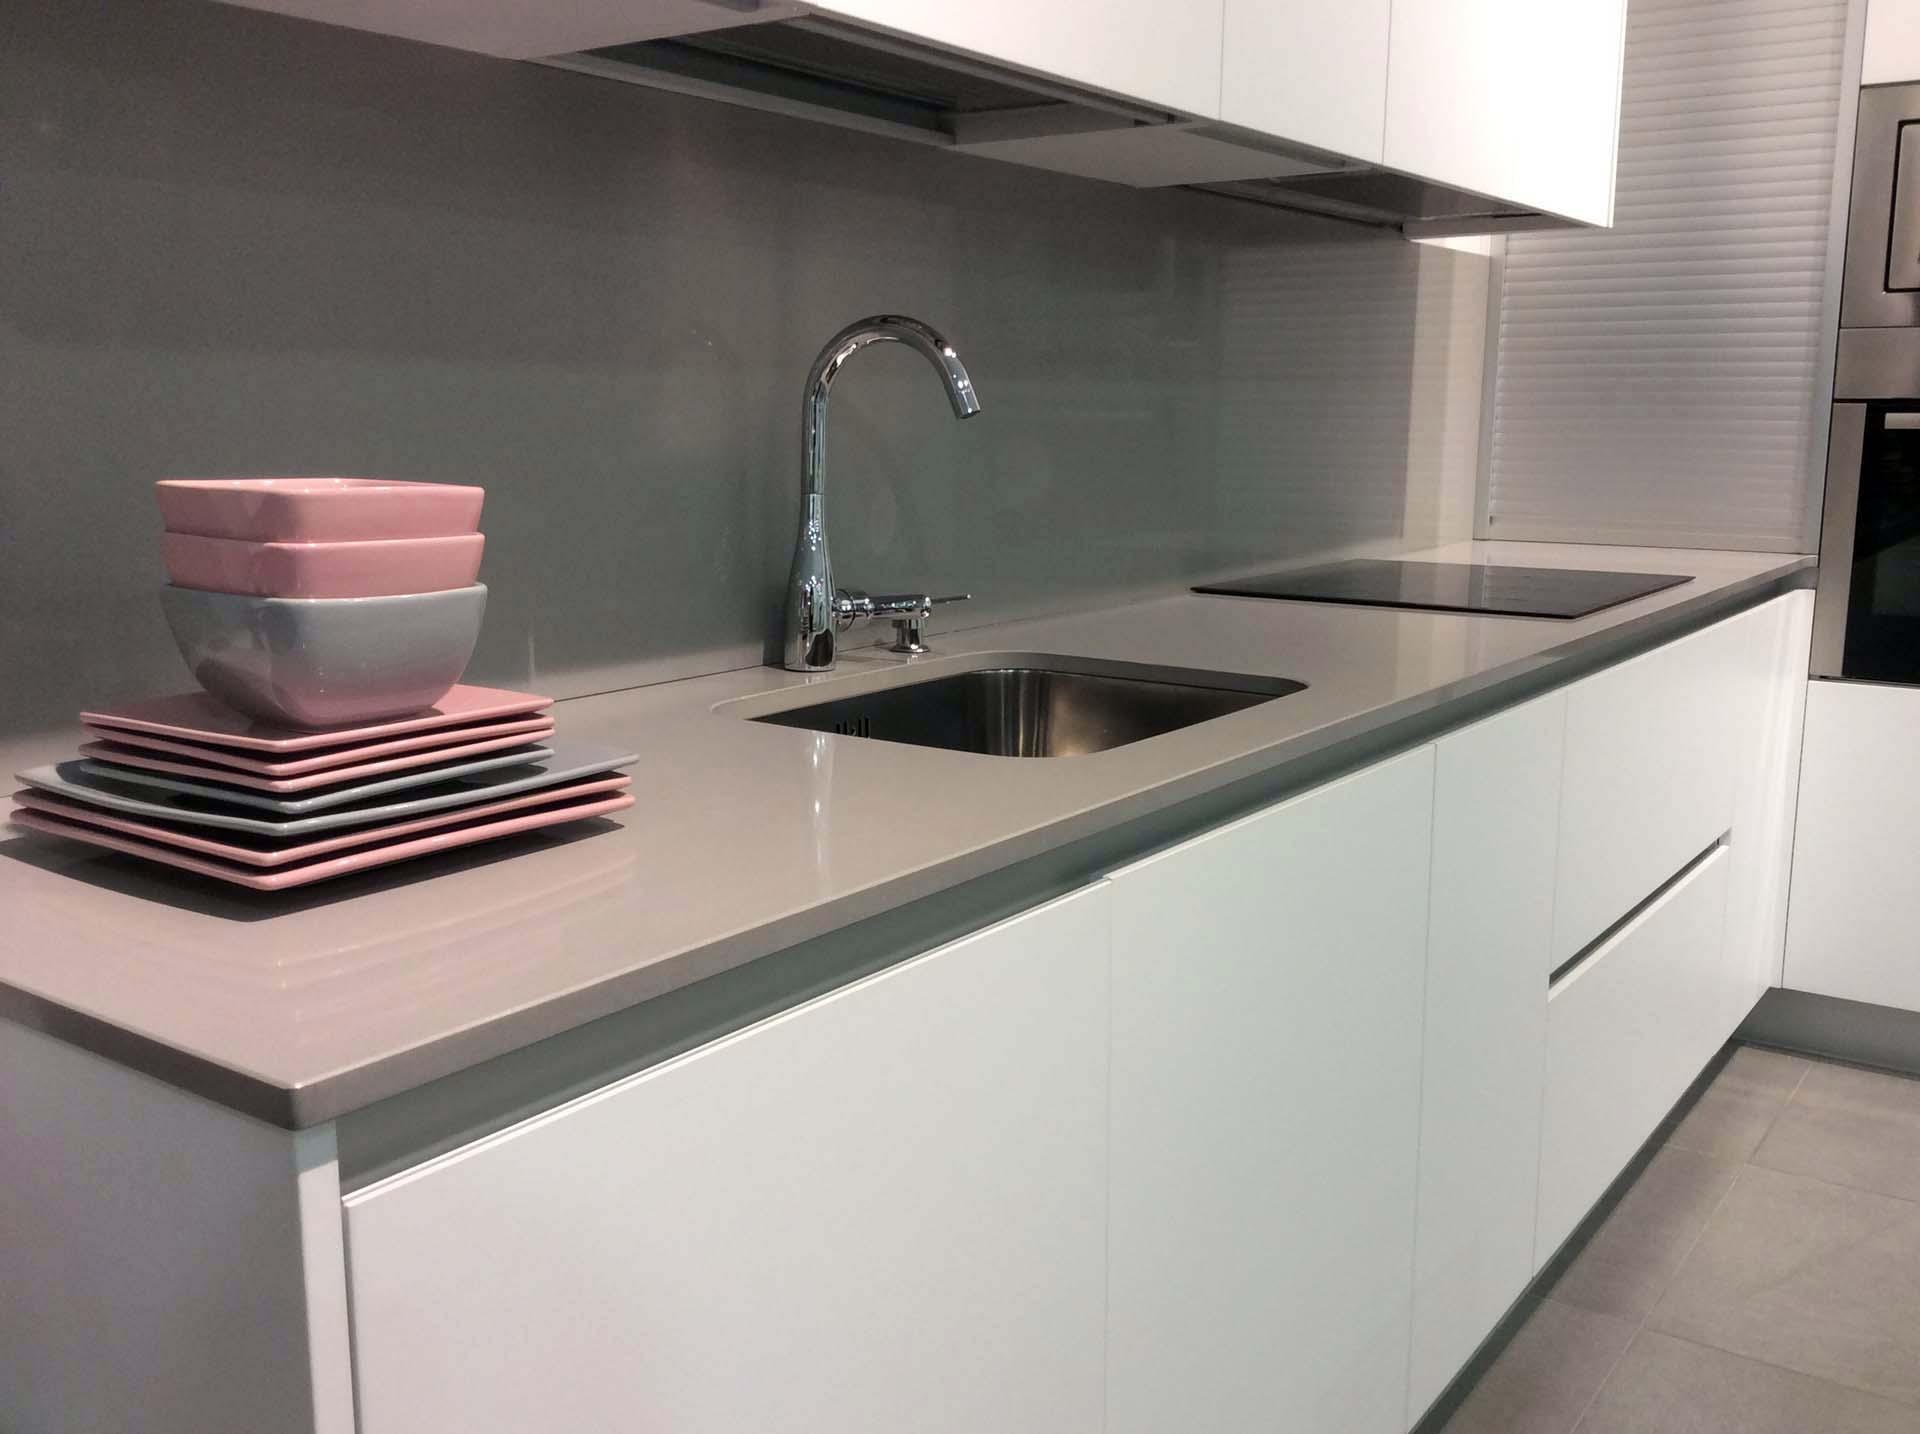 Cocina blanca con gola de aluminio mate arnit - Cocina blanca mate ...